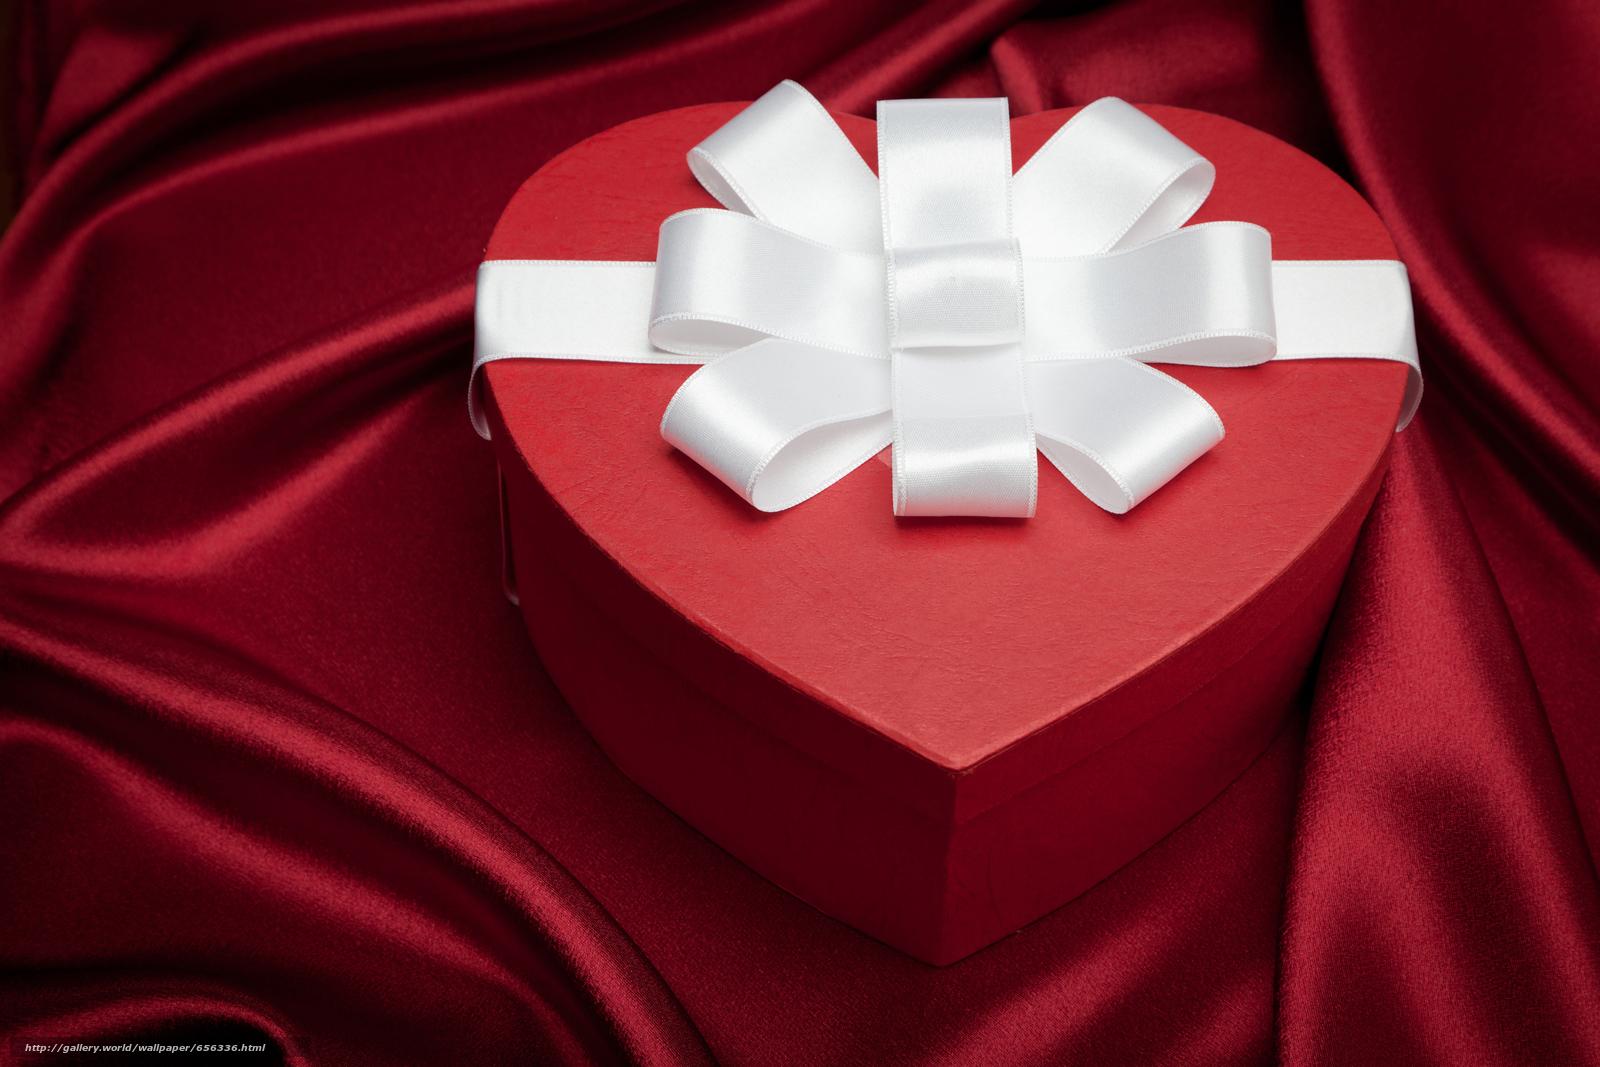 Скачать обои обои от Kisenok,  день святого валентина,  день всех влюбленных,  праздник бесплатно для рабочего стола в разрешении 5816x3877 — картинка №656336